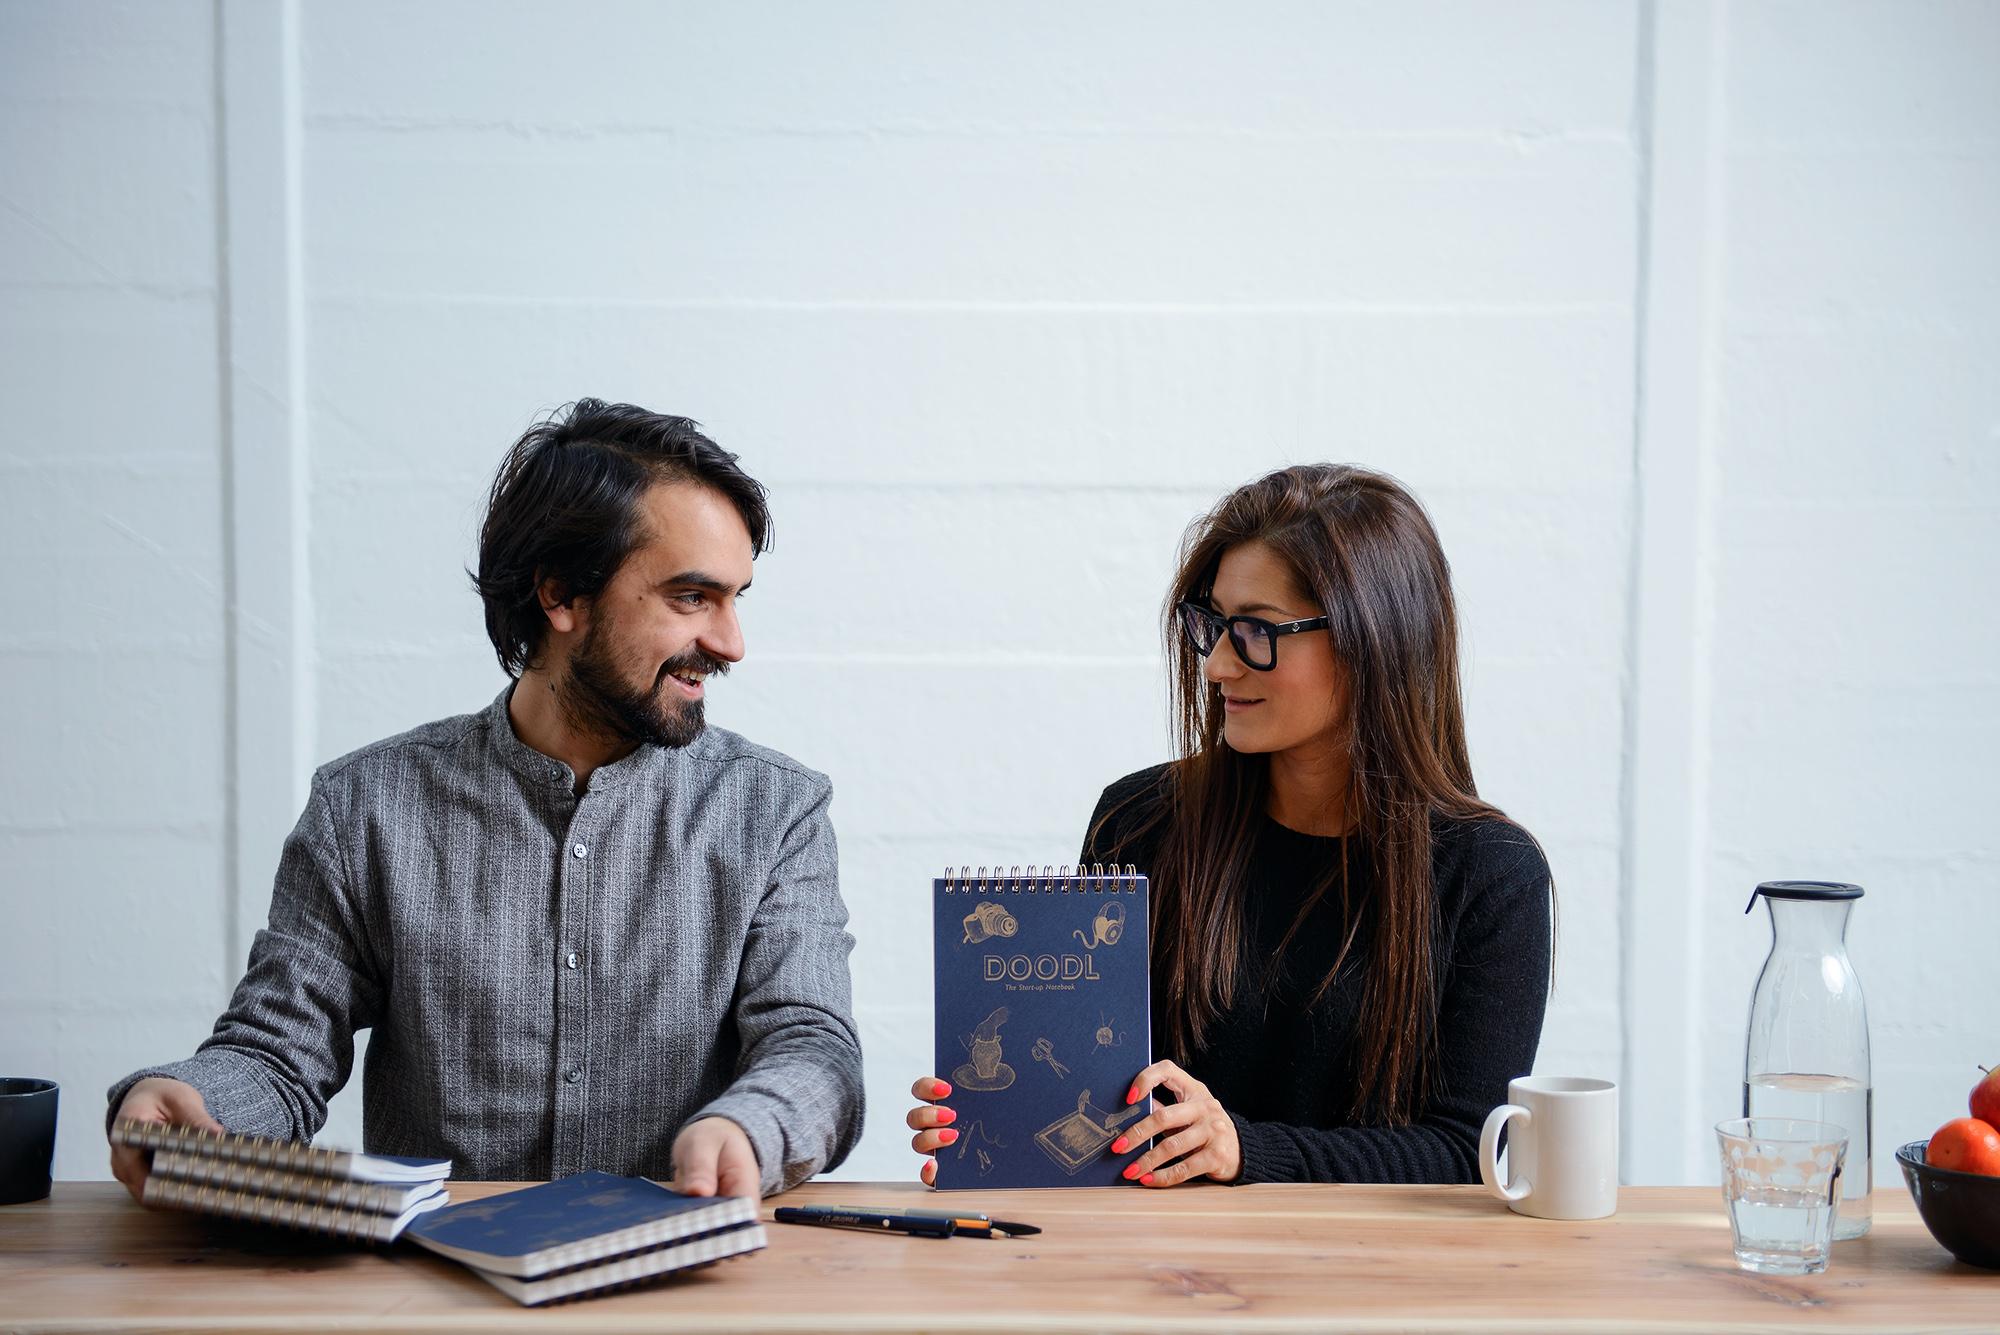 Doodl-Notebook-for-startups-RCF-8.jpg